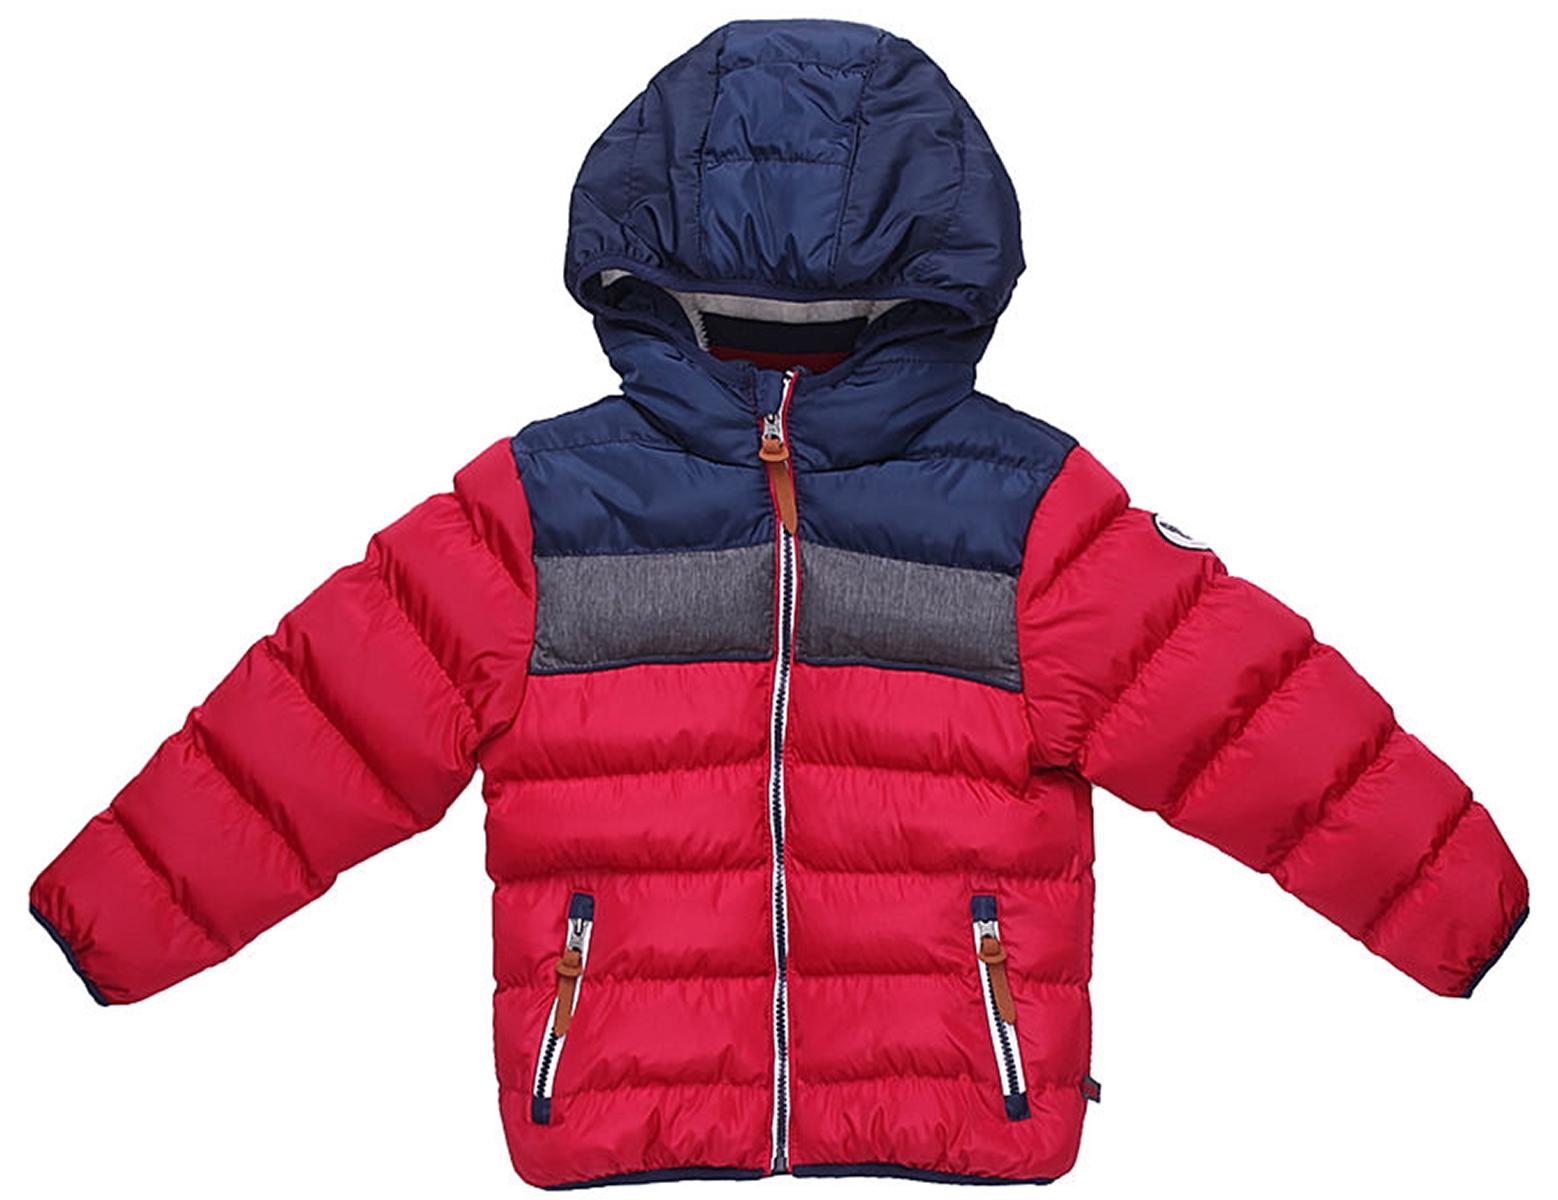 Куртка для мальчика Sweet Berry, цвет: бордовый. 733026. Размер 98733026Утепленная стеганая куртка для мальчика от Sweet Berry выполнена из трех контрастных цветов. Несъемный капюшон. Два прорезных кармана застегивающиеся на молнию. Флисовая подкладка. Капюшон, рукава и низ изделия оформлены контрастной окантовочной резинкой. Куртка застегивается на молнию.